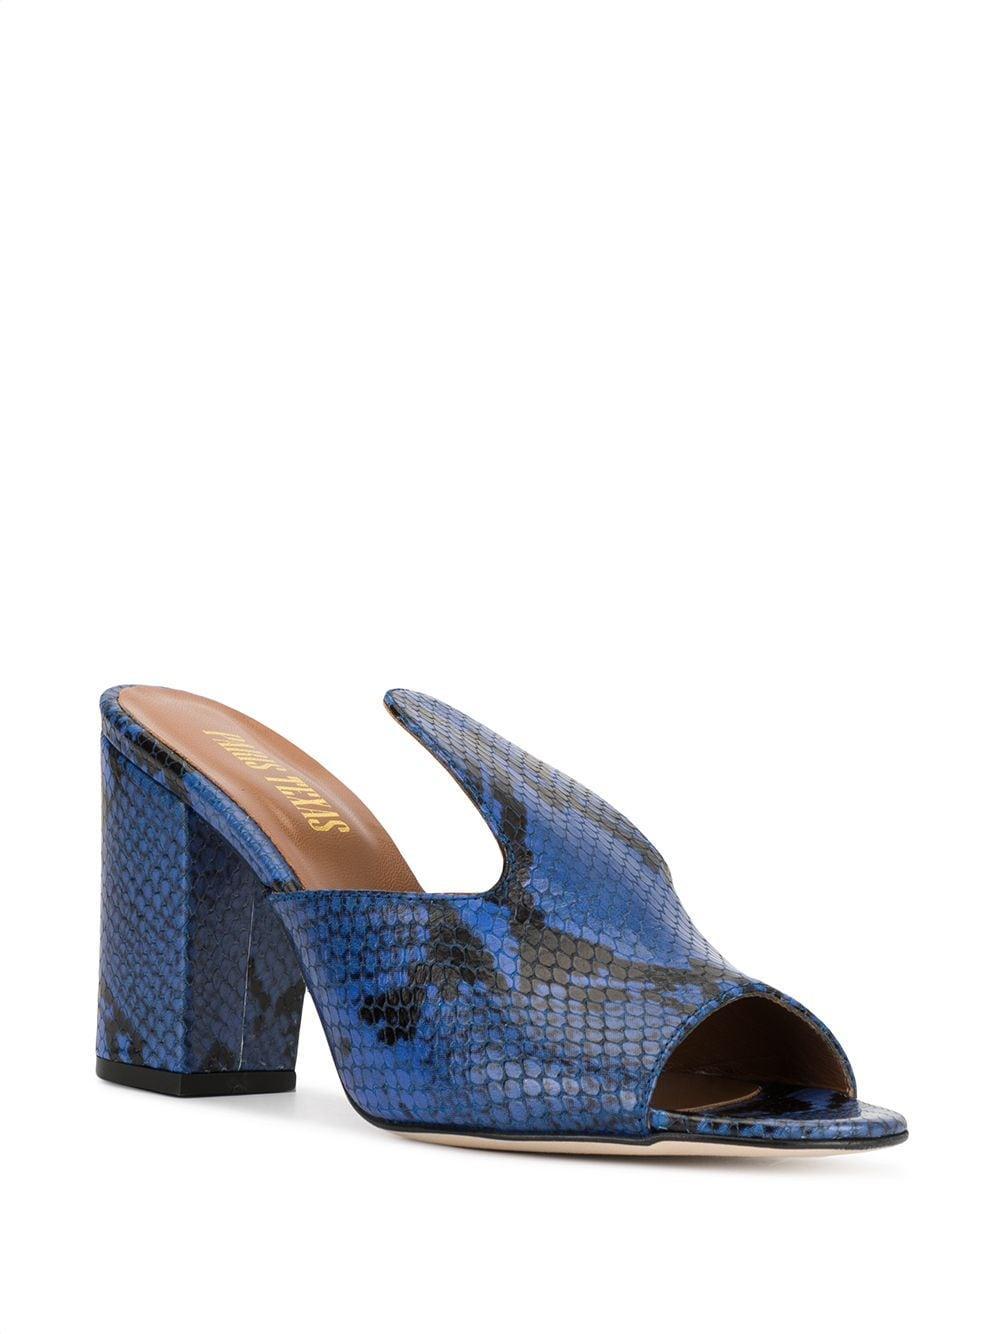 Mules con estampado de piel de serpiente Paris Texas de Cuero de color Azul